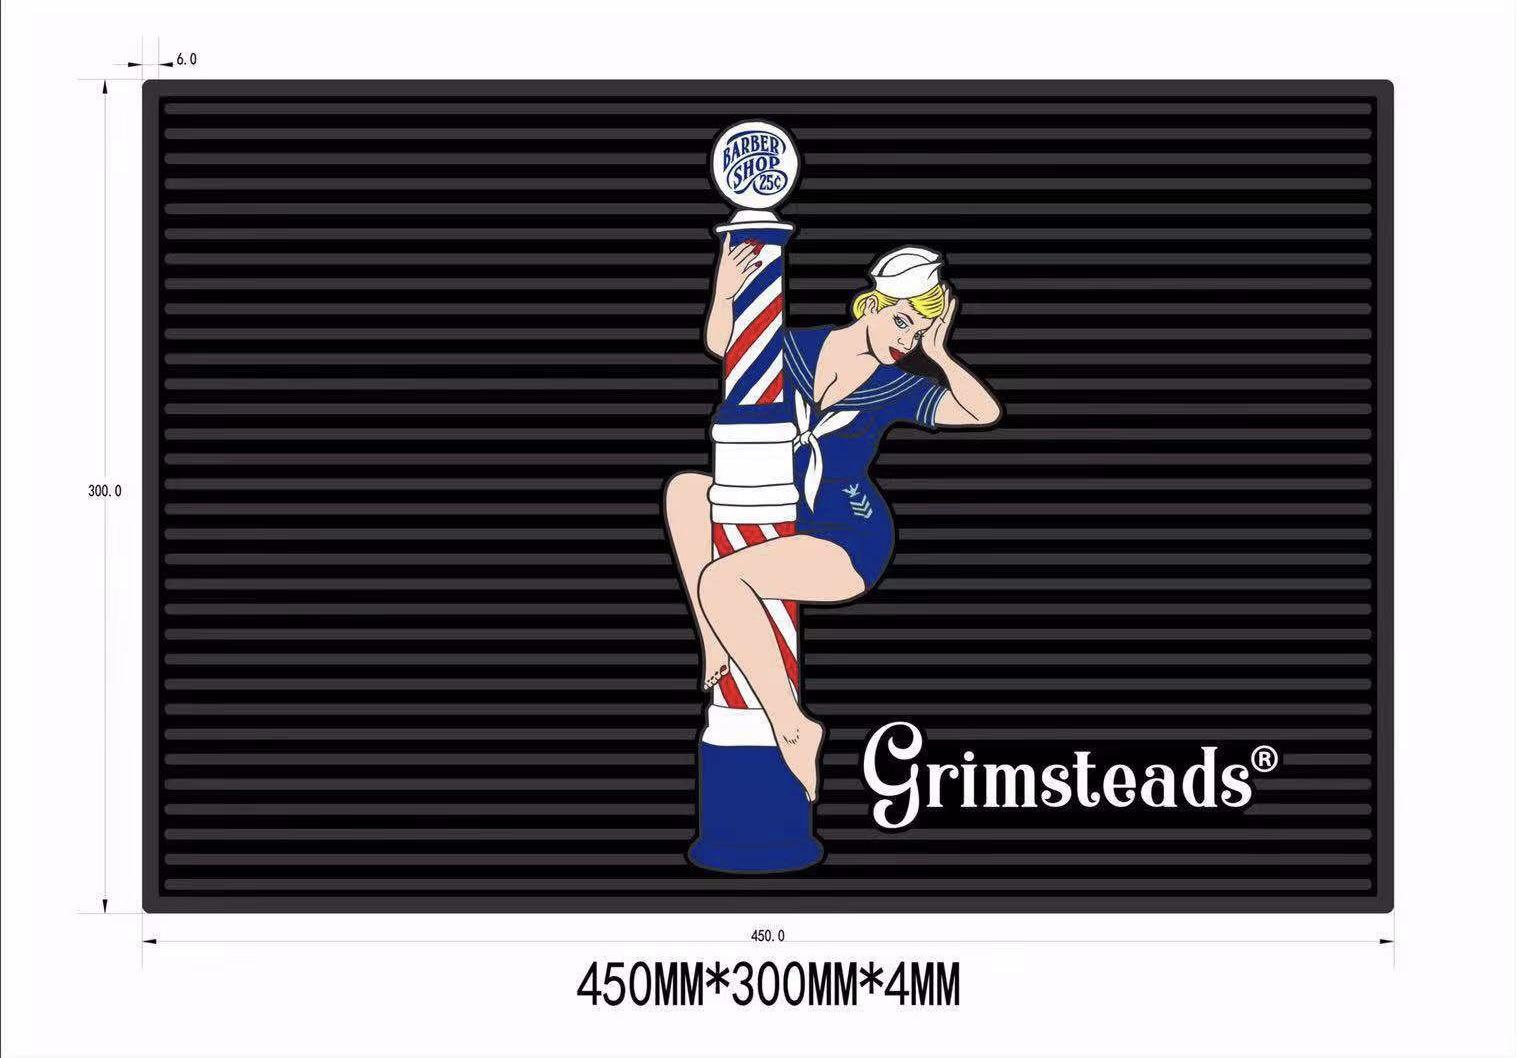 Grimsteads バーバーポール&ピンナップガールツールマット Mサイズ